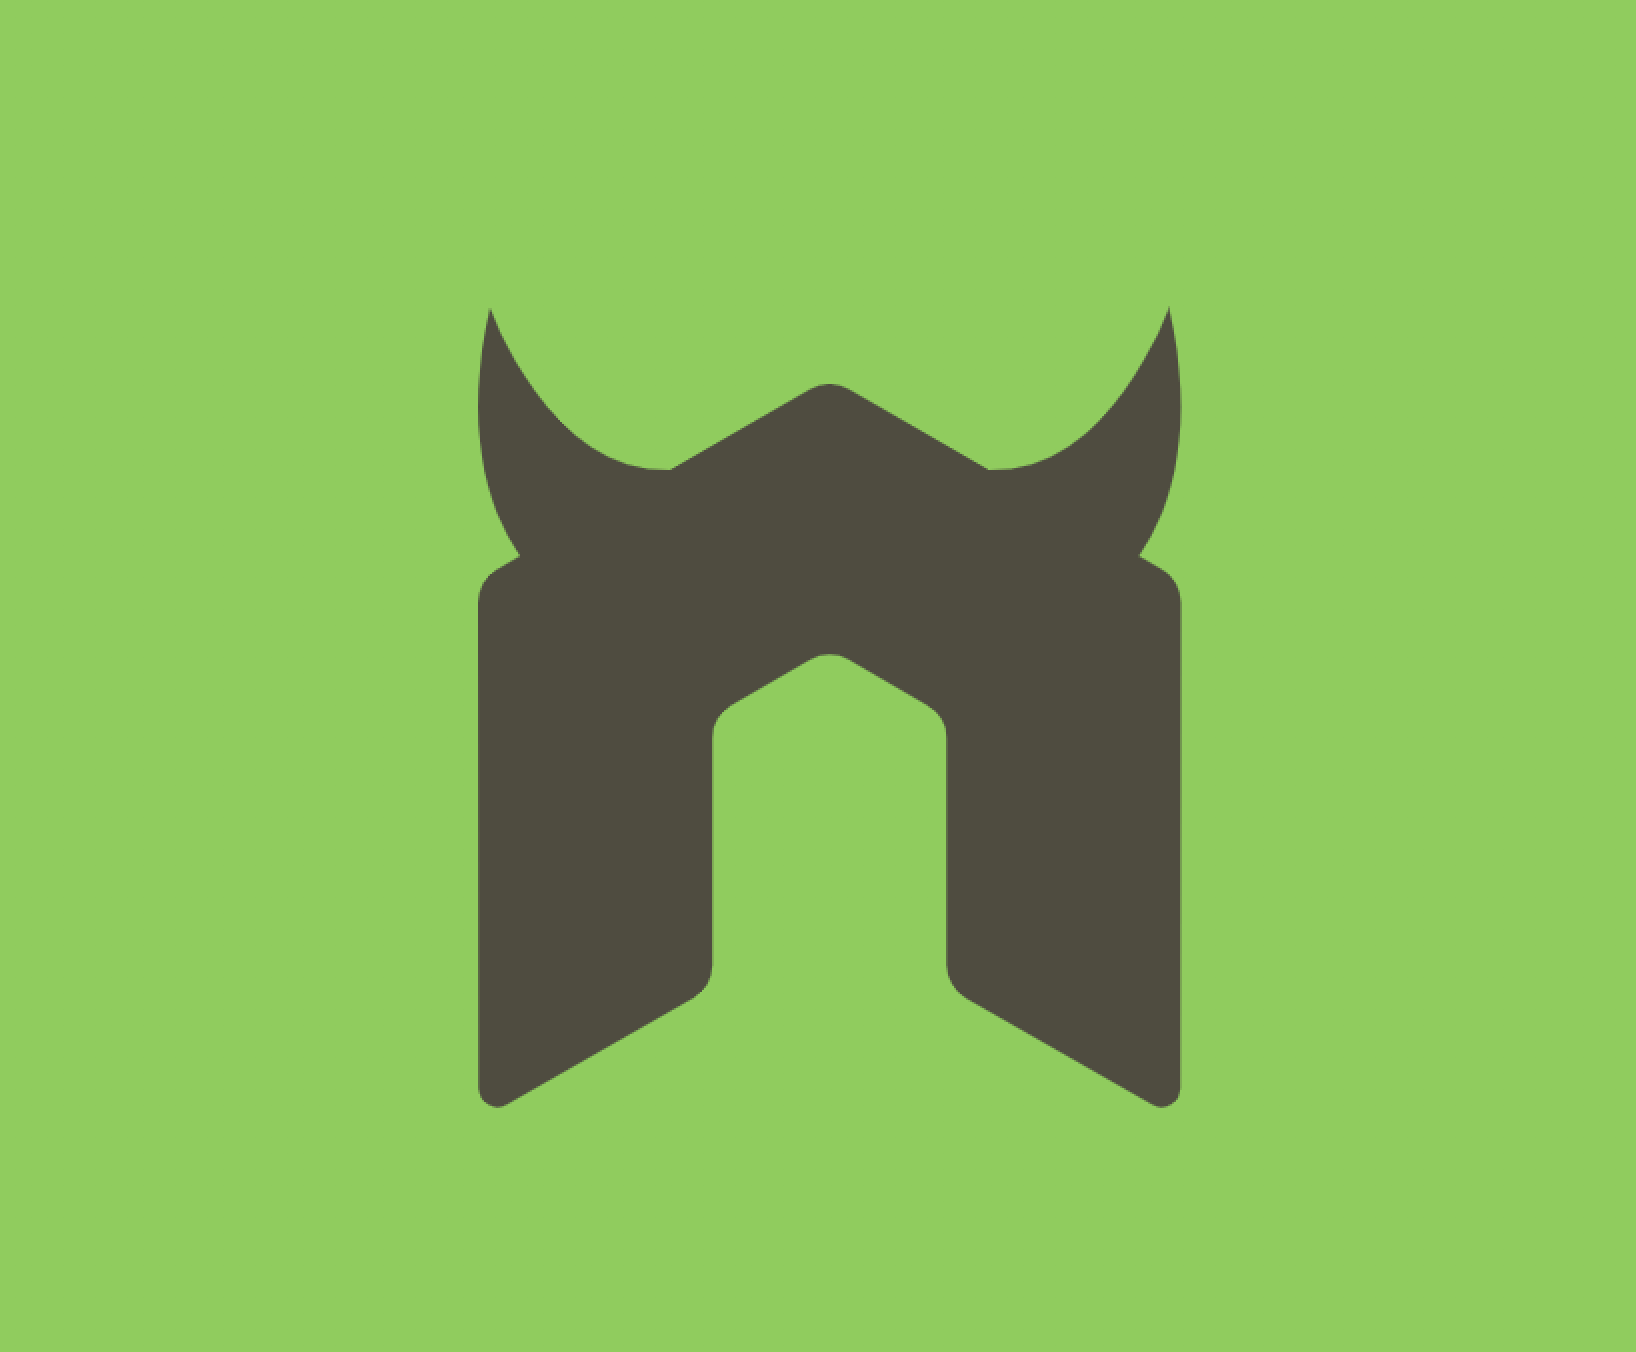 Creating Nodemon in Node js - LogRocket Blog